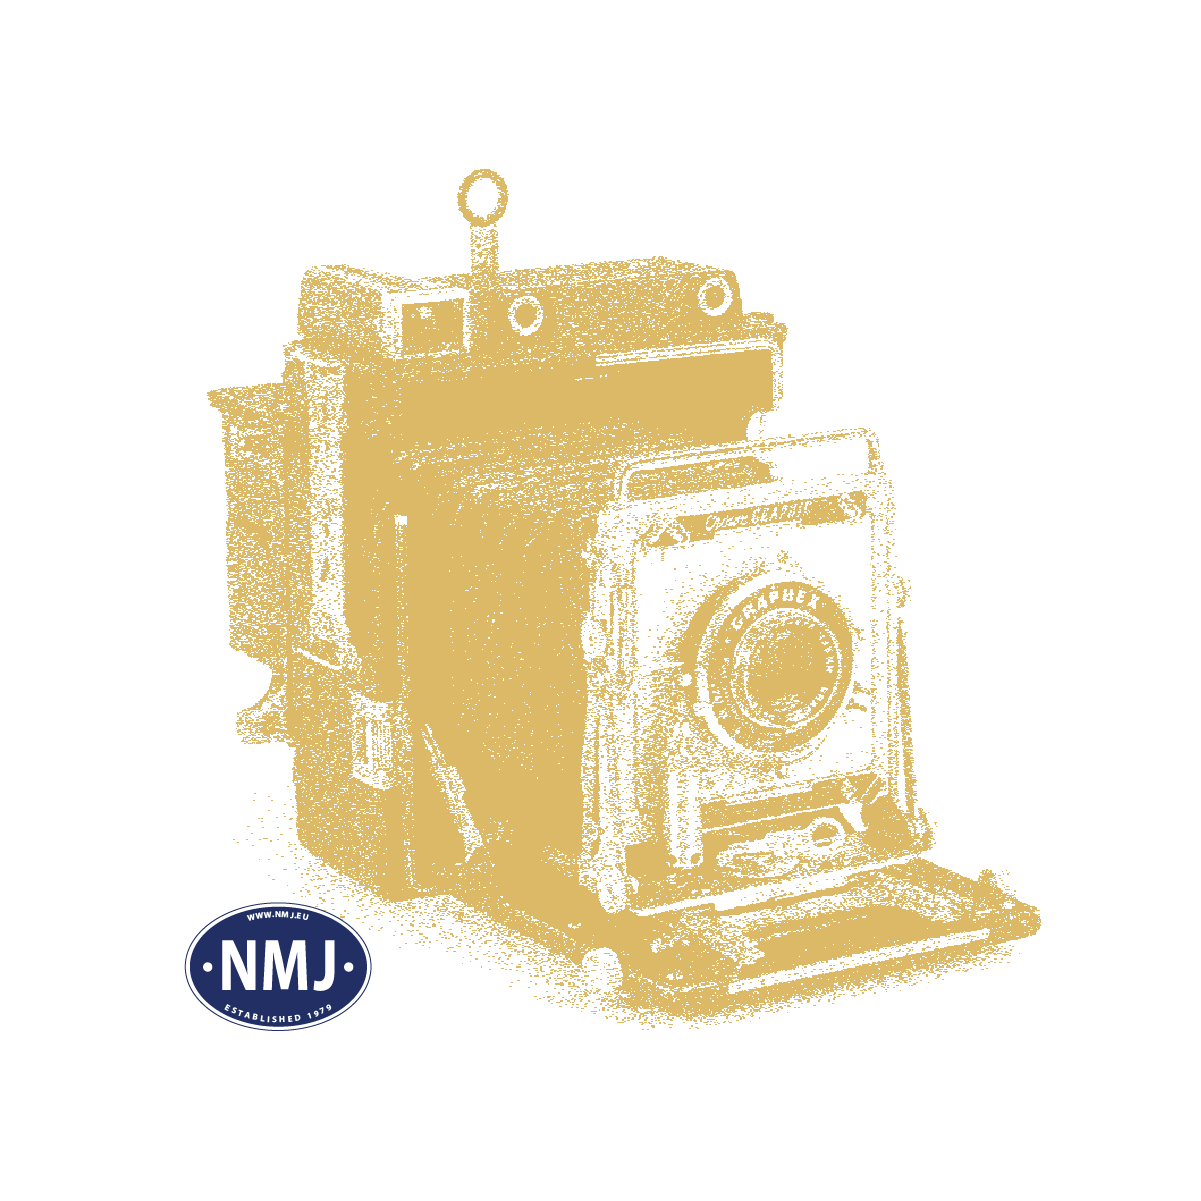 NMJT205.001 - NMJ Topline SJ Bo5.4757, 2.Kl. Personenwagen, altes SJ logo